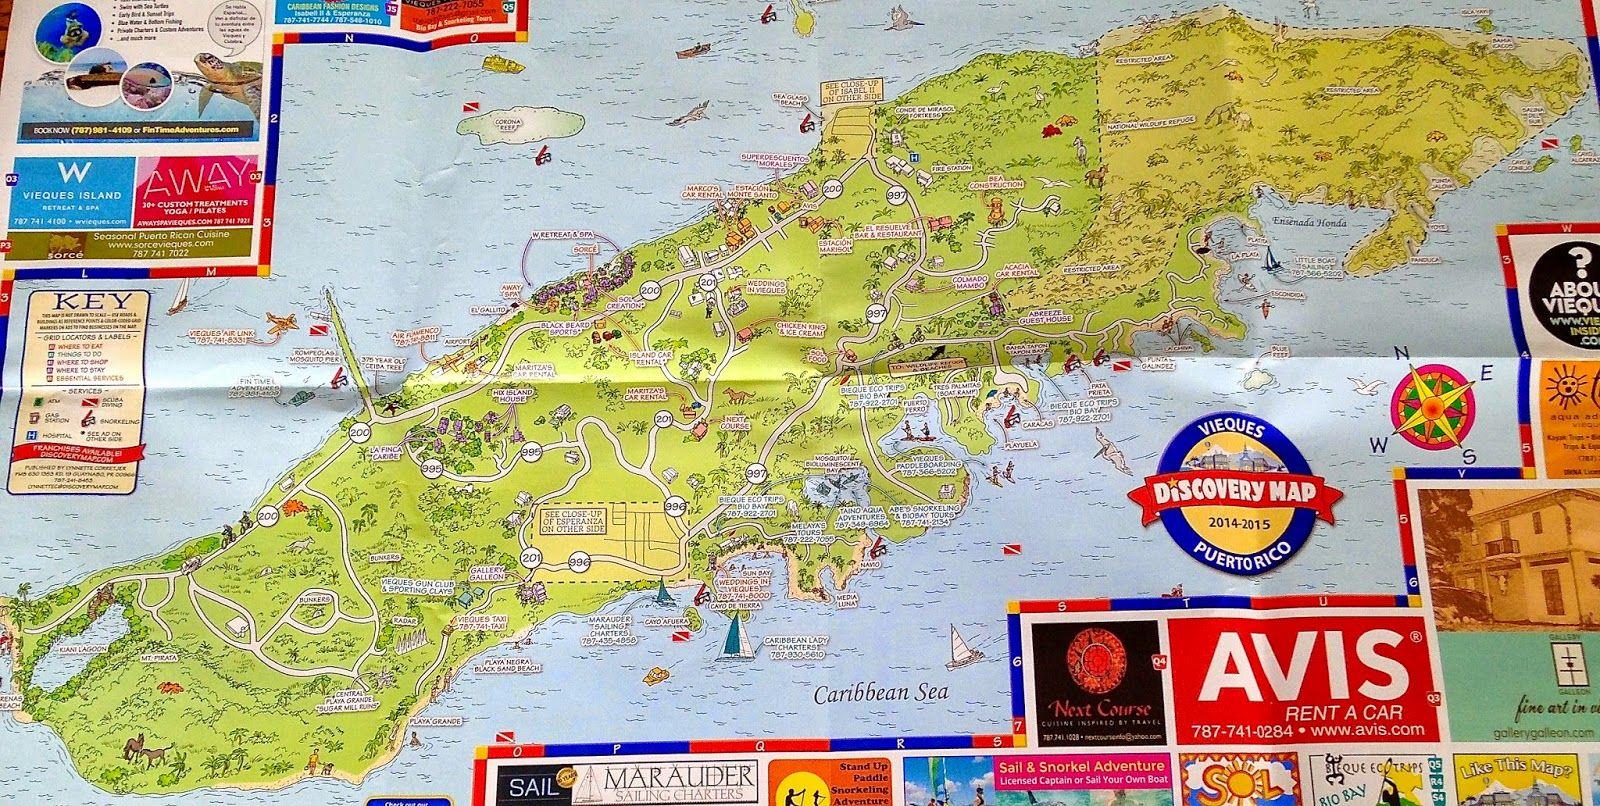 Viva Vieques Vieques Caribbean Sea Postcard